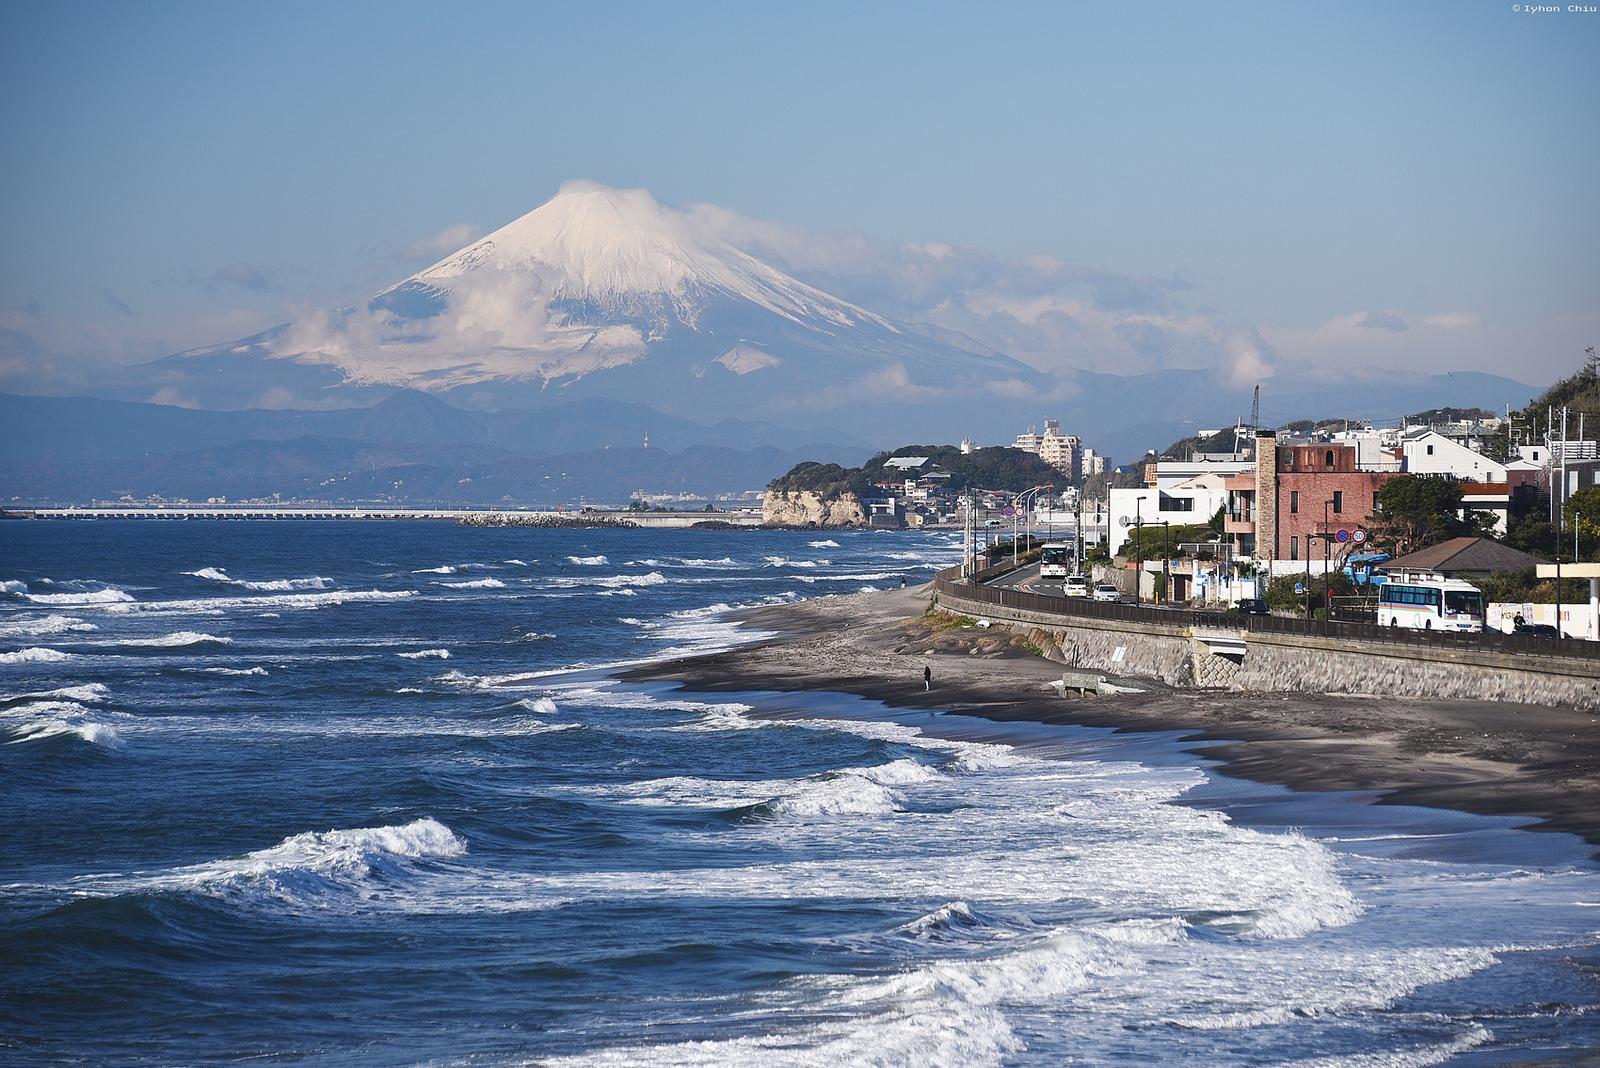 Mt. Fuji Inamuragasaki